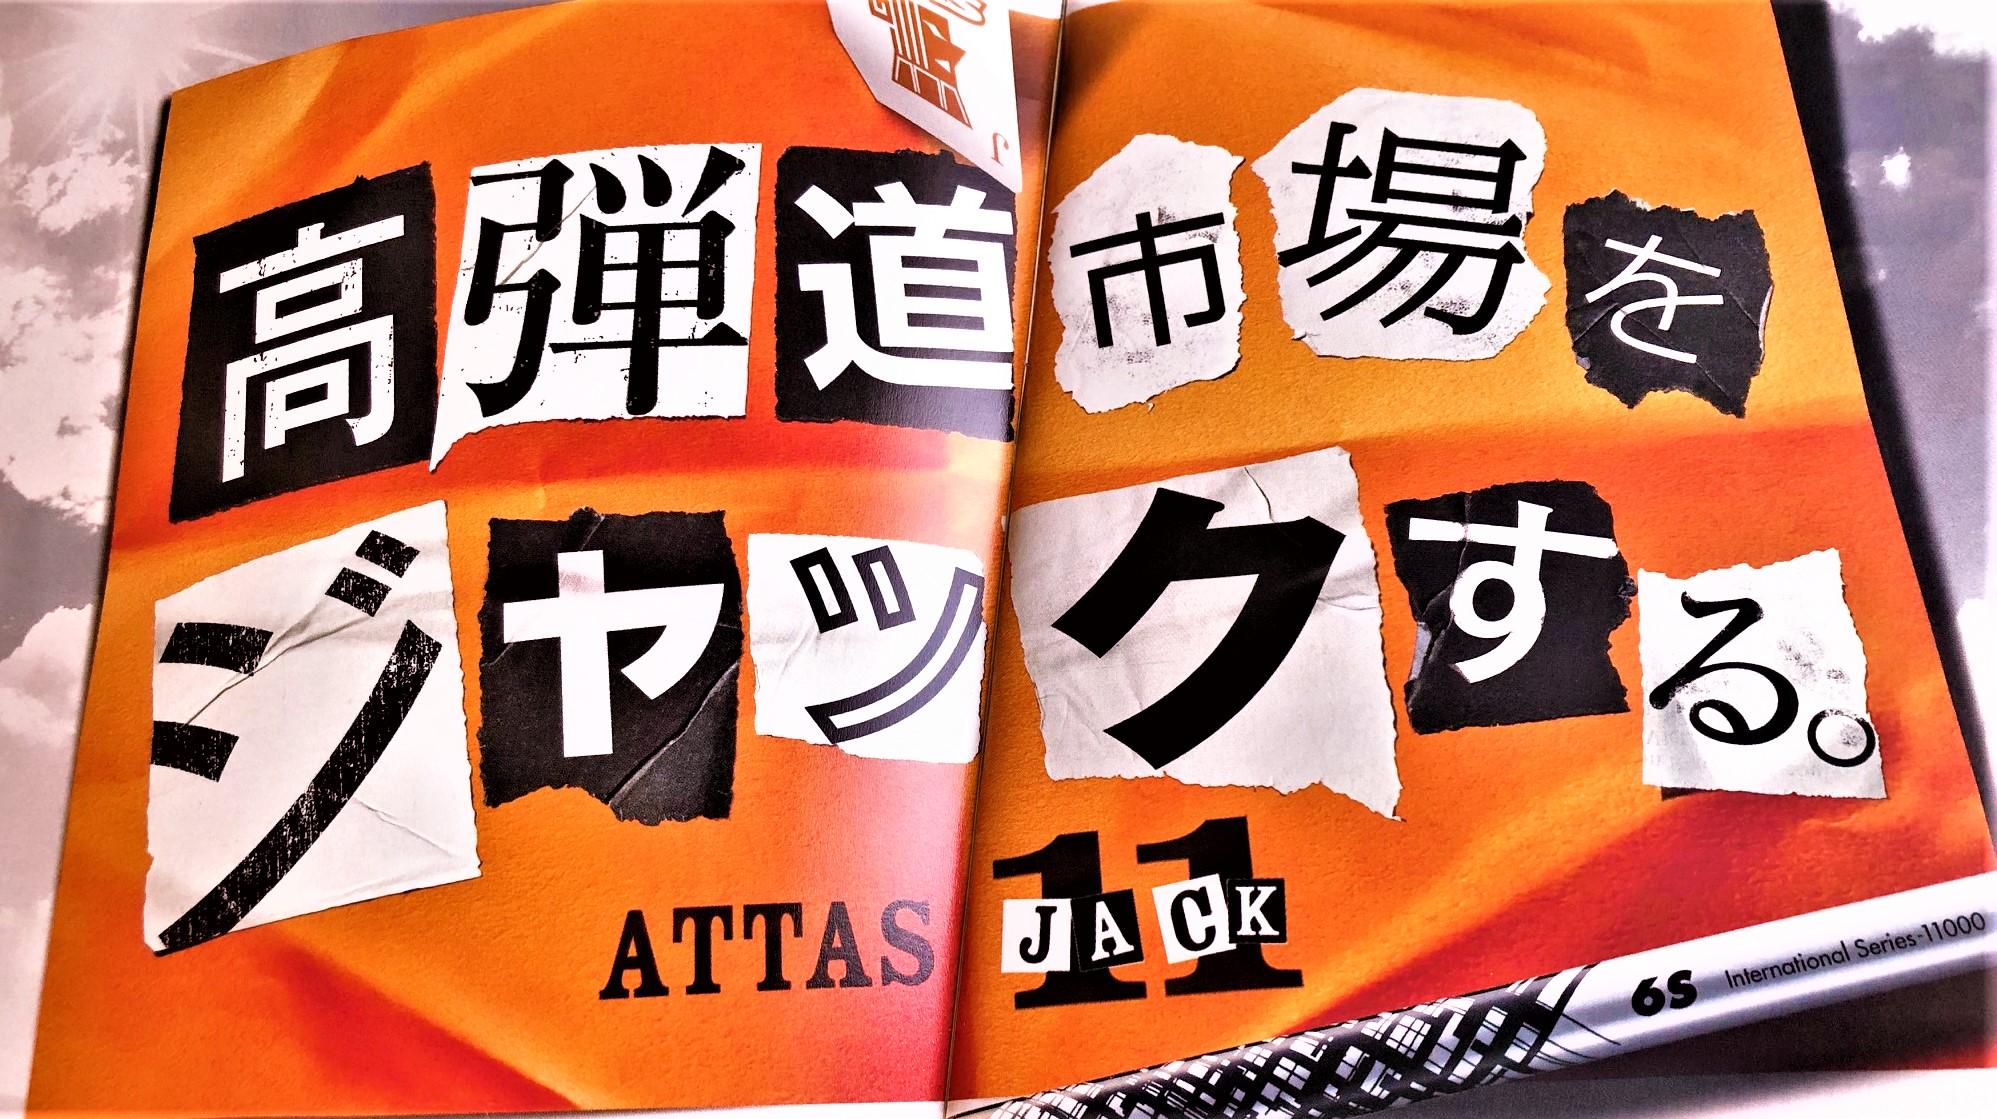 アッタス ジャックのカタログ